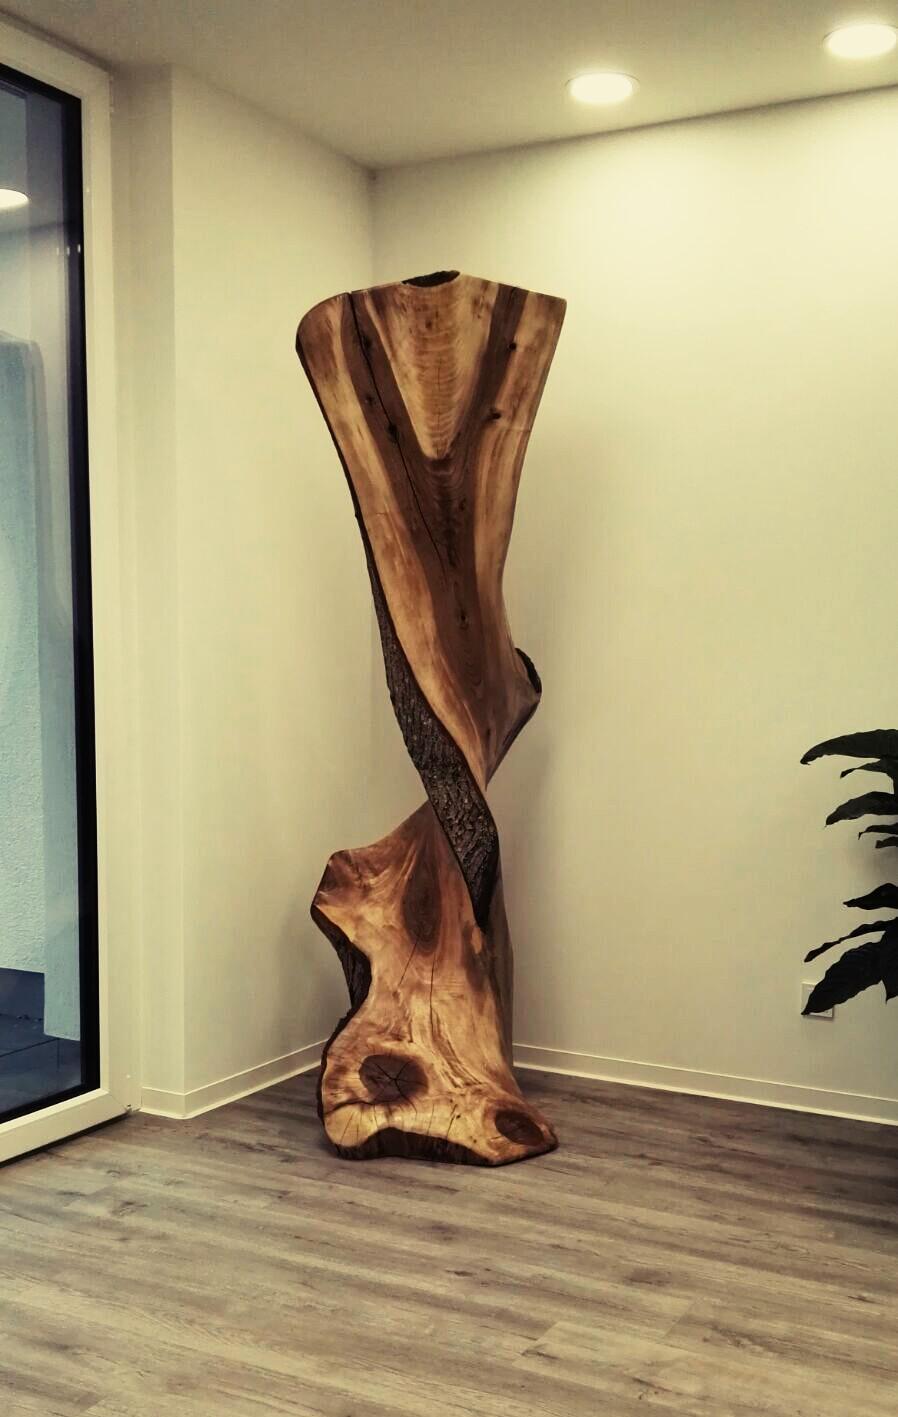 Nußbaumskulptur